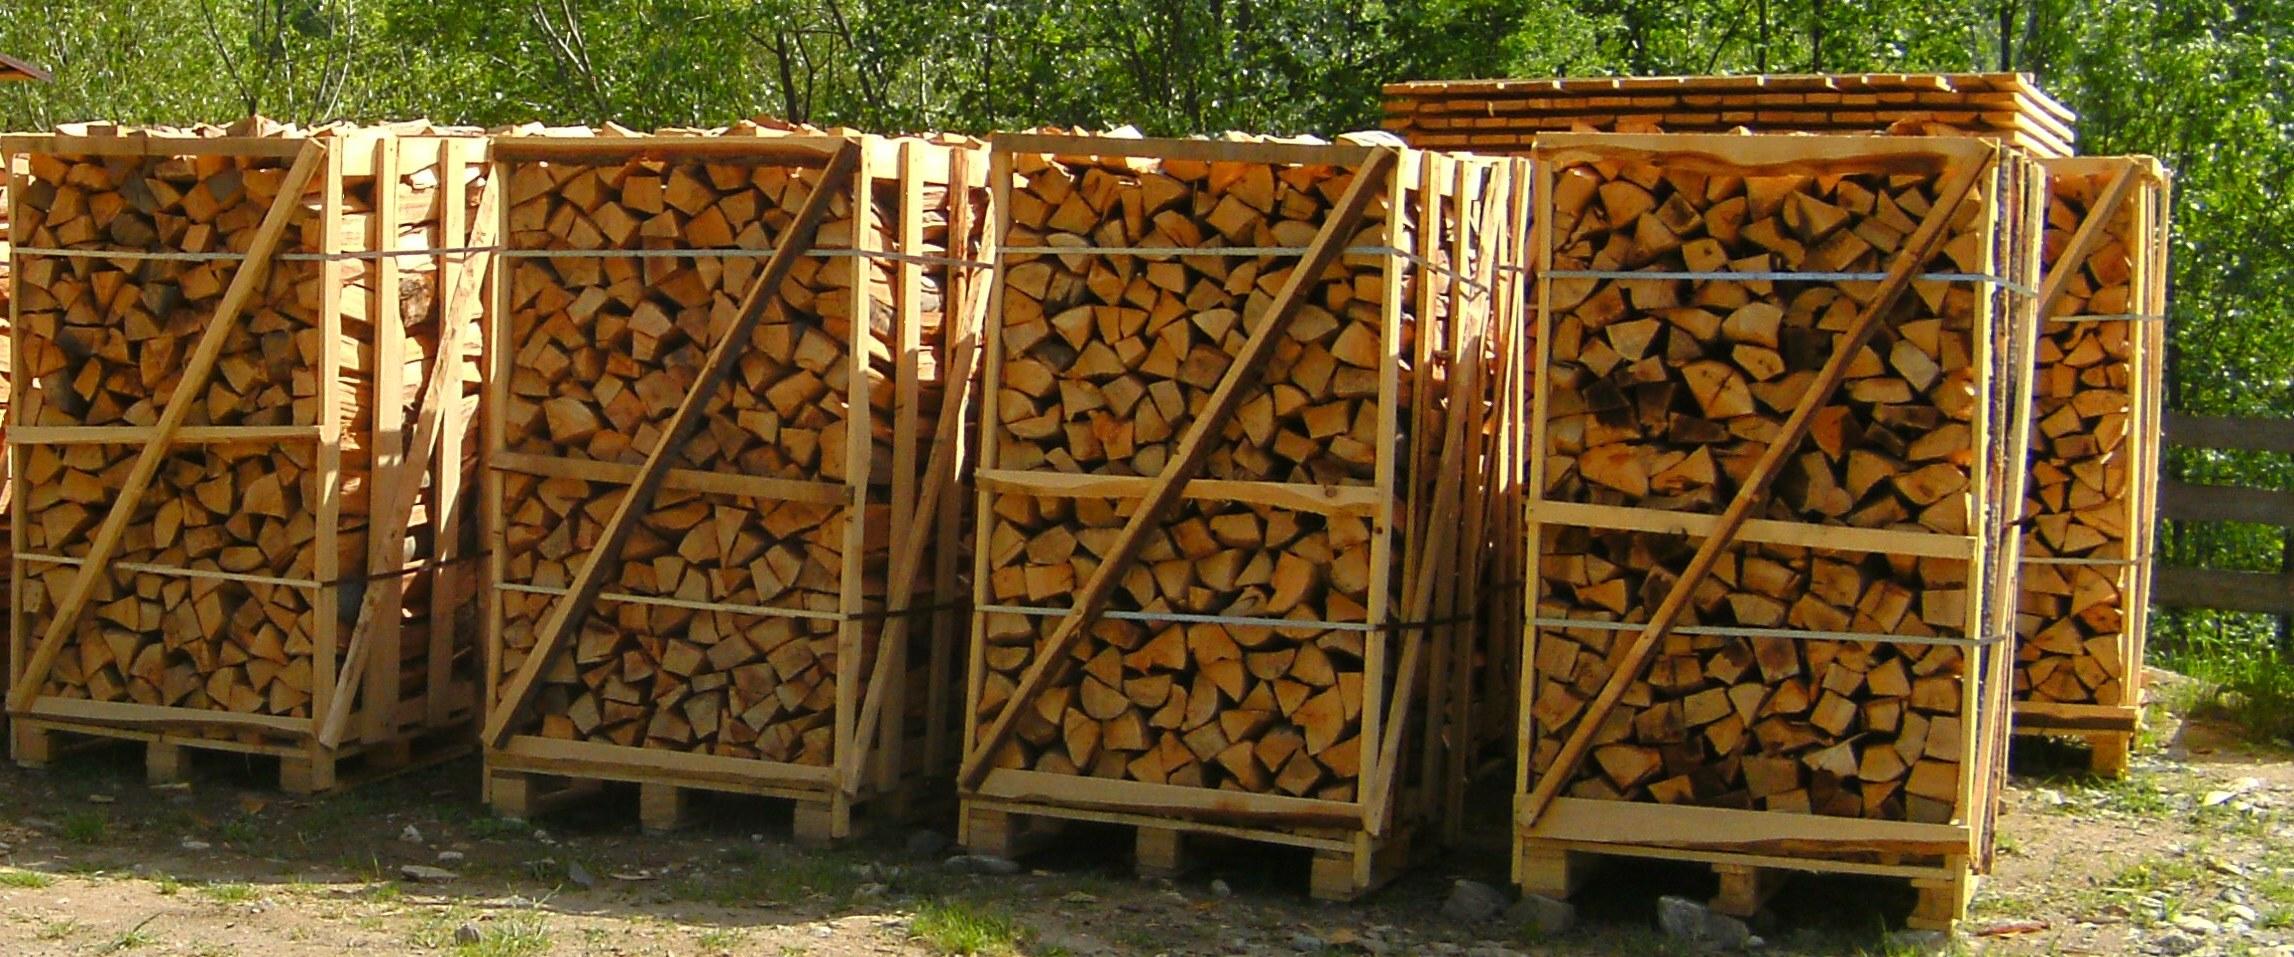 Vendita legna da ardere roma